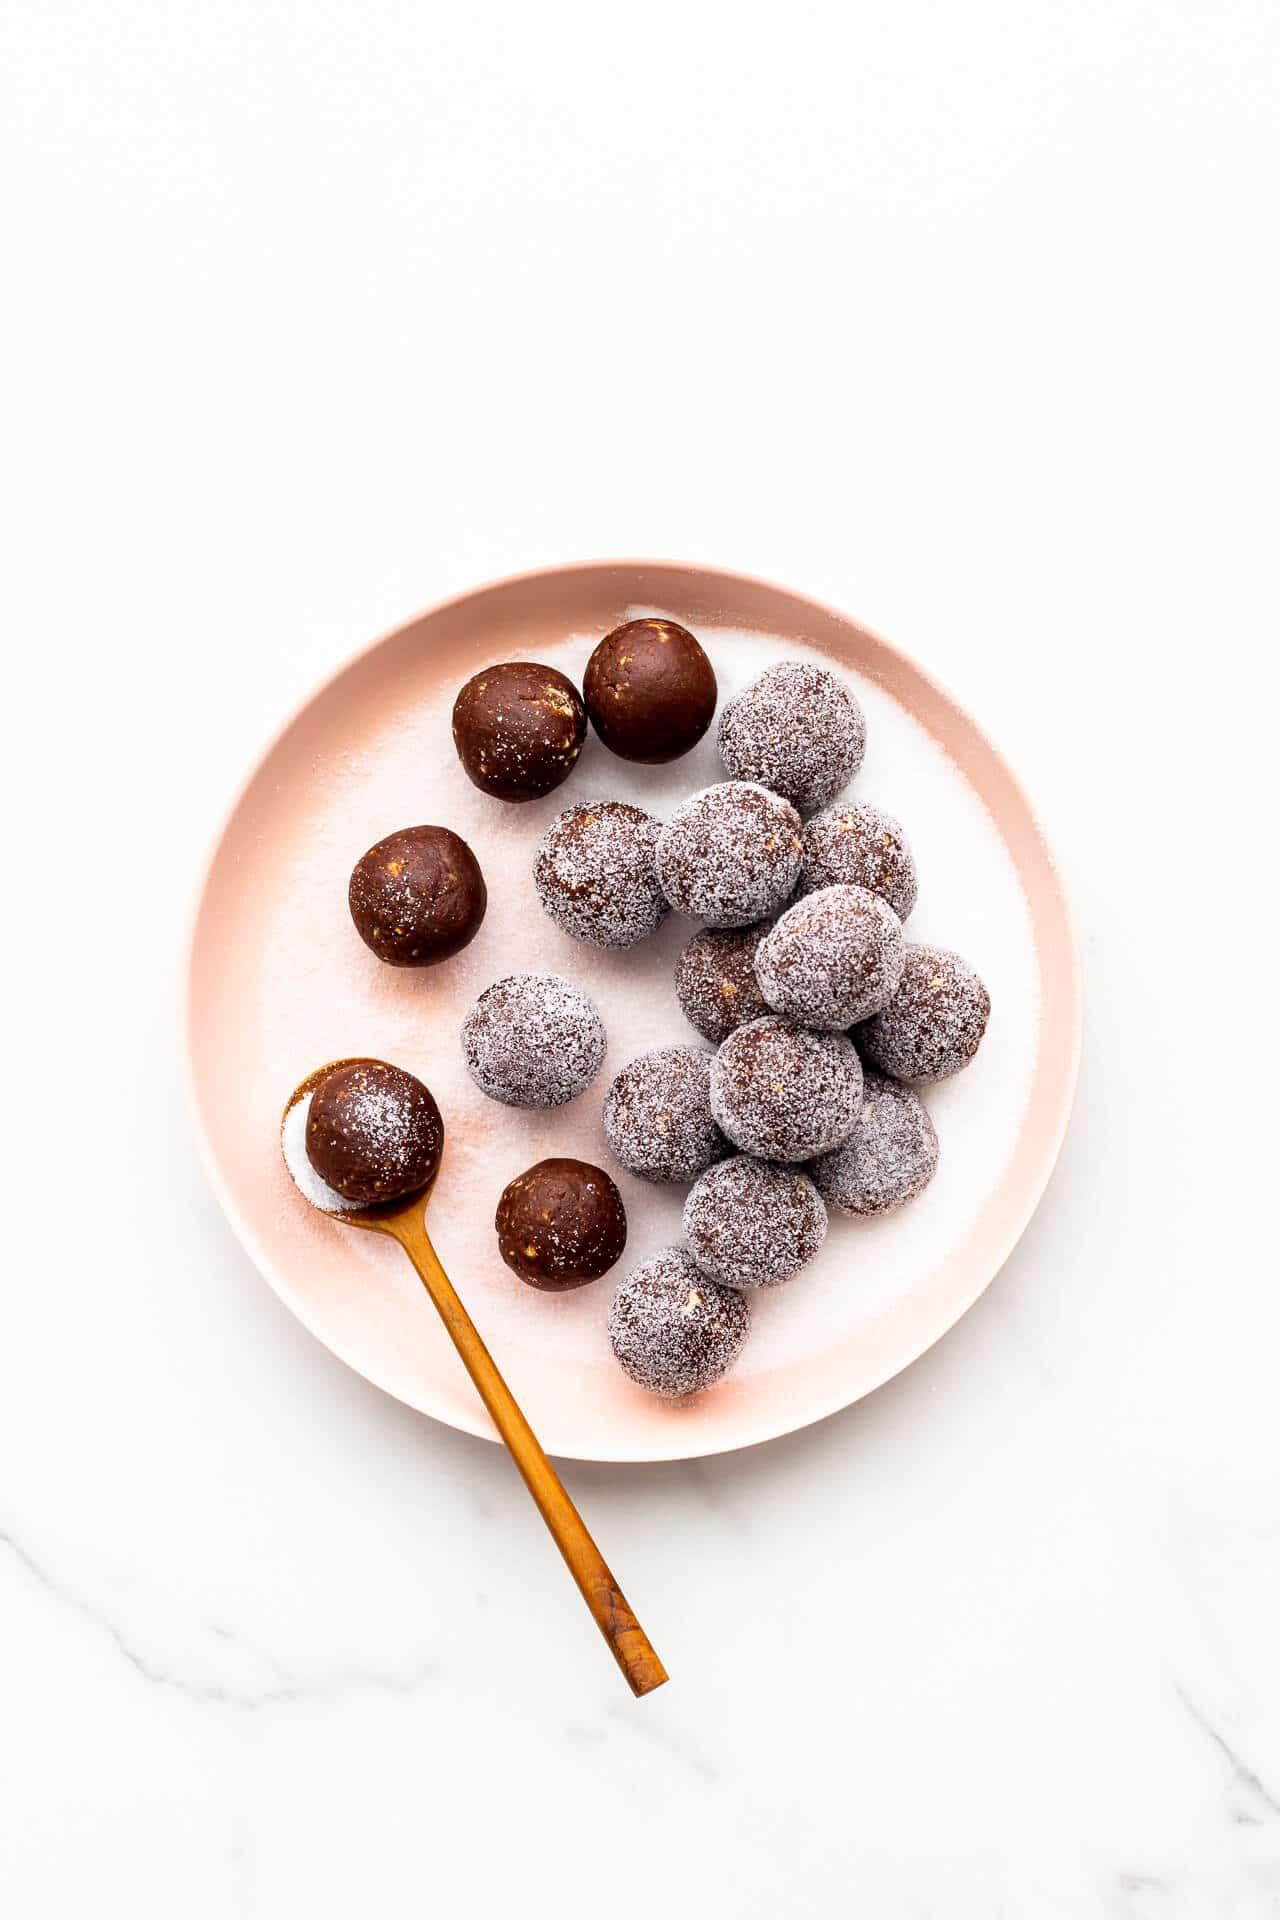 Coating amaretto balls in granulated sugar.